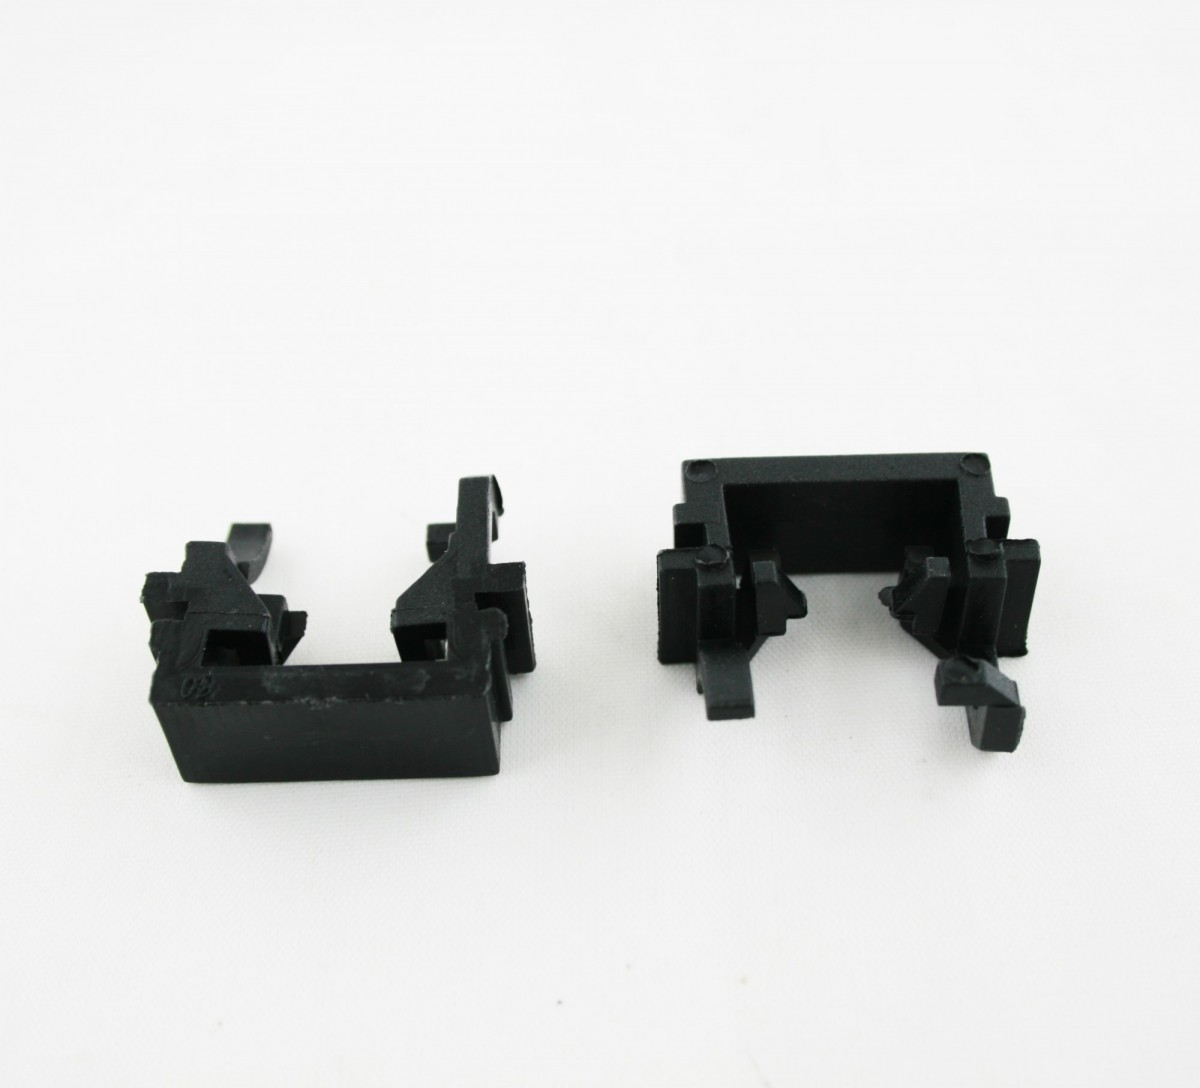 Адаптер для установки лампы Ford Focus 2 рест./Focus 3 (CP-AR-LED-97)